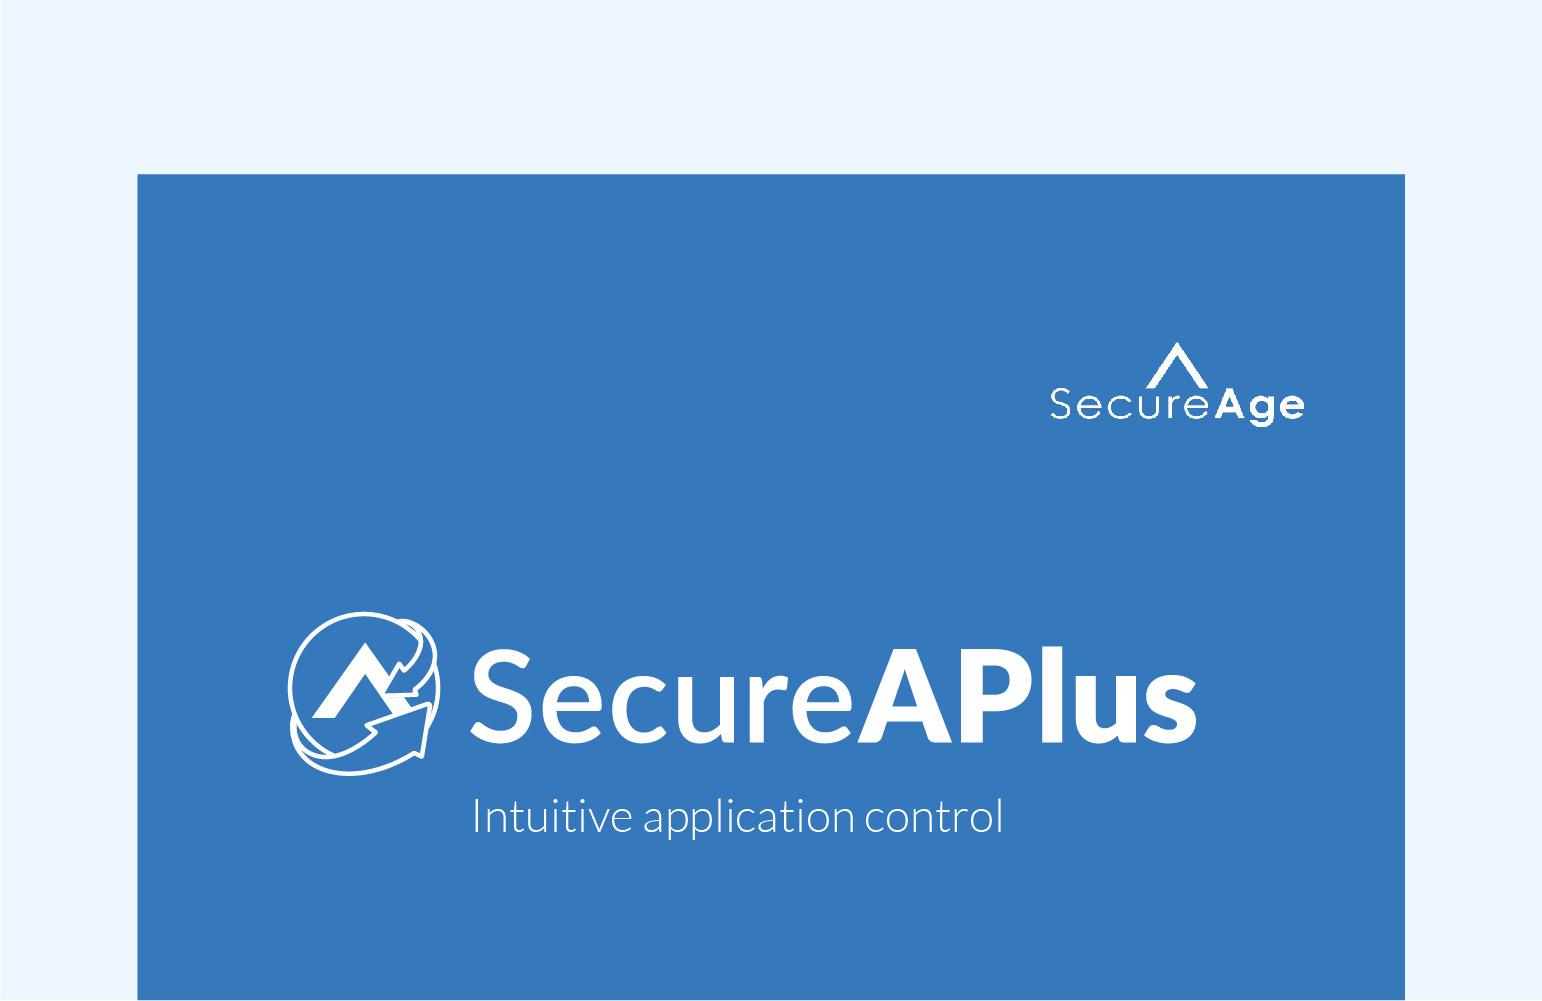 SecureAPlus Brochure